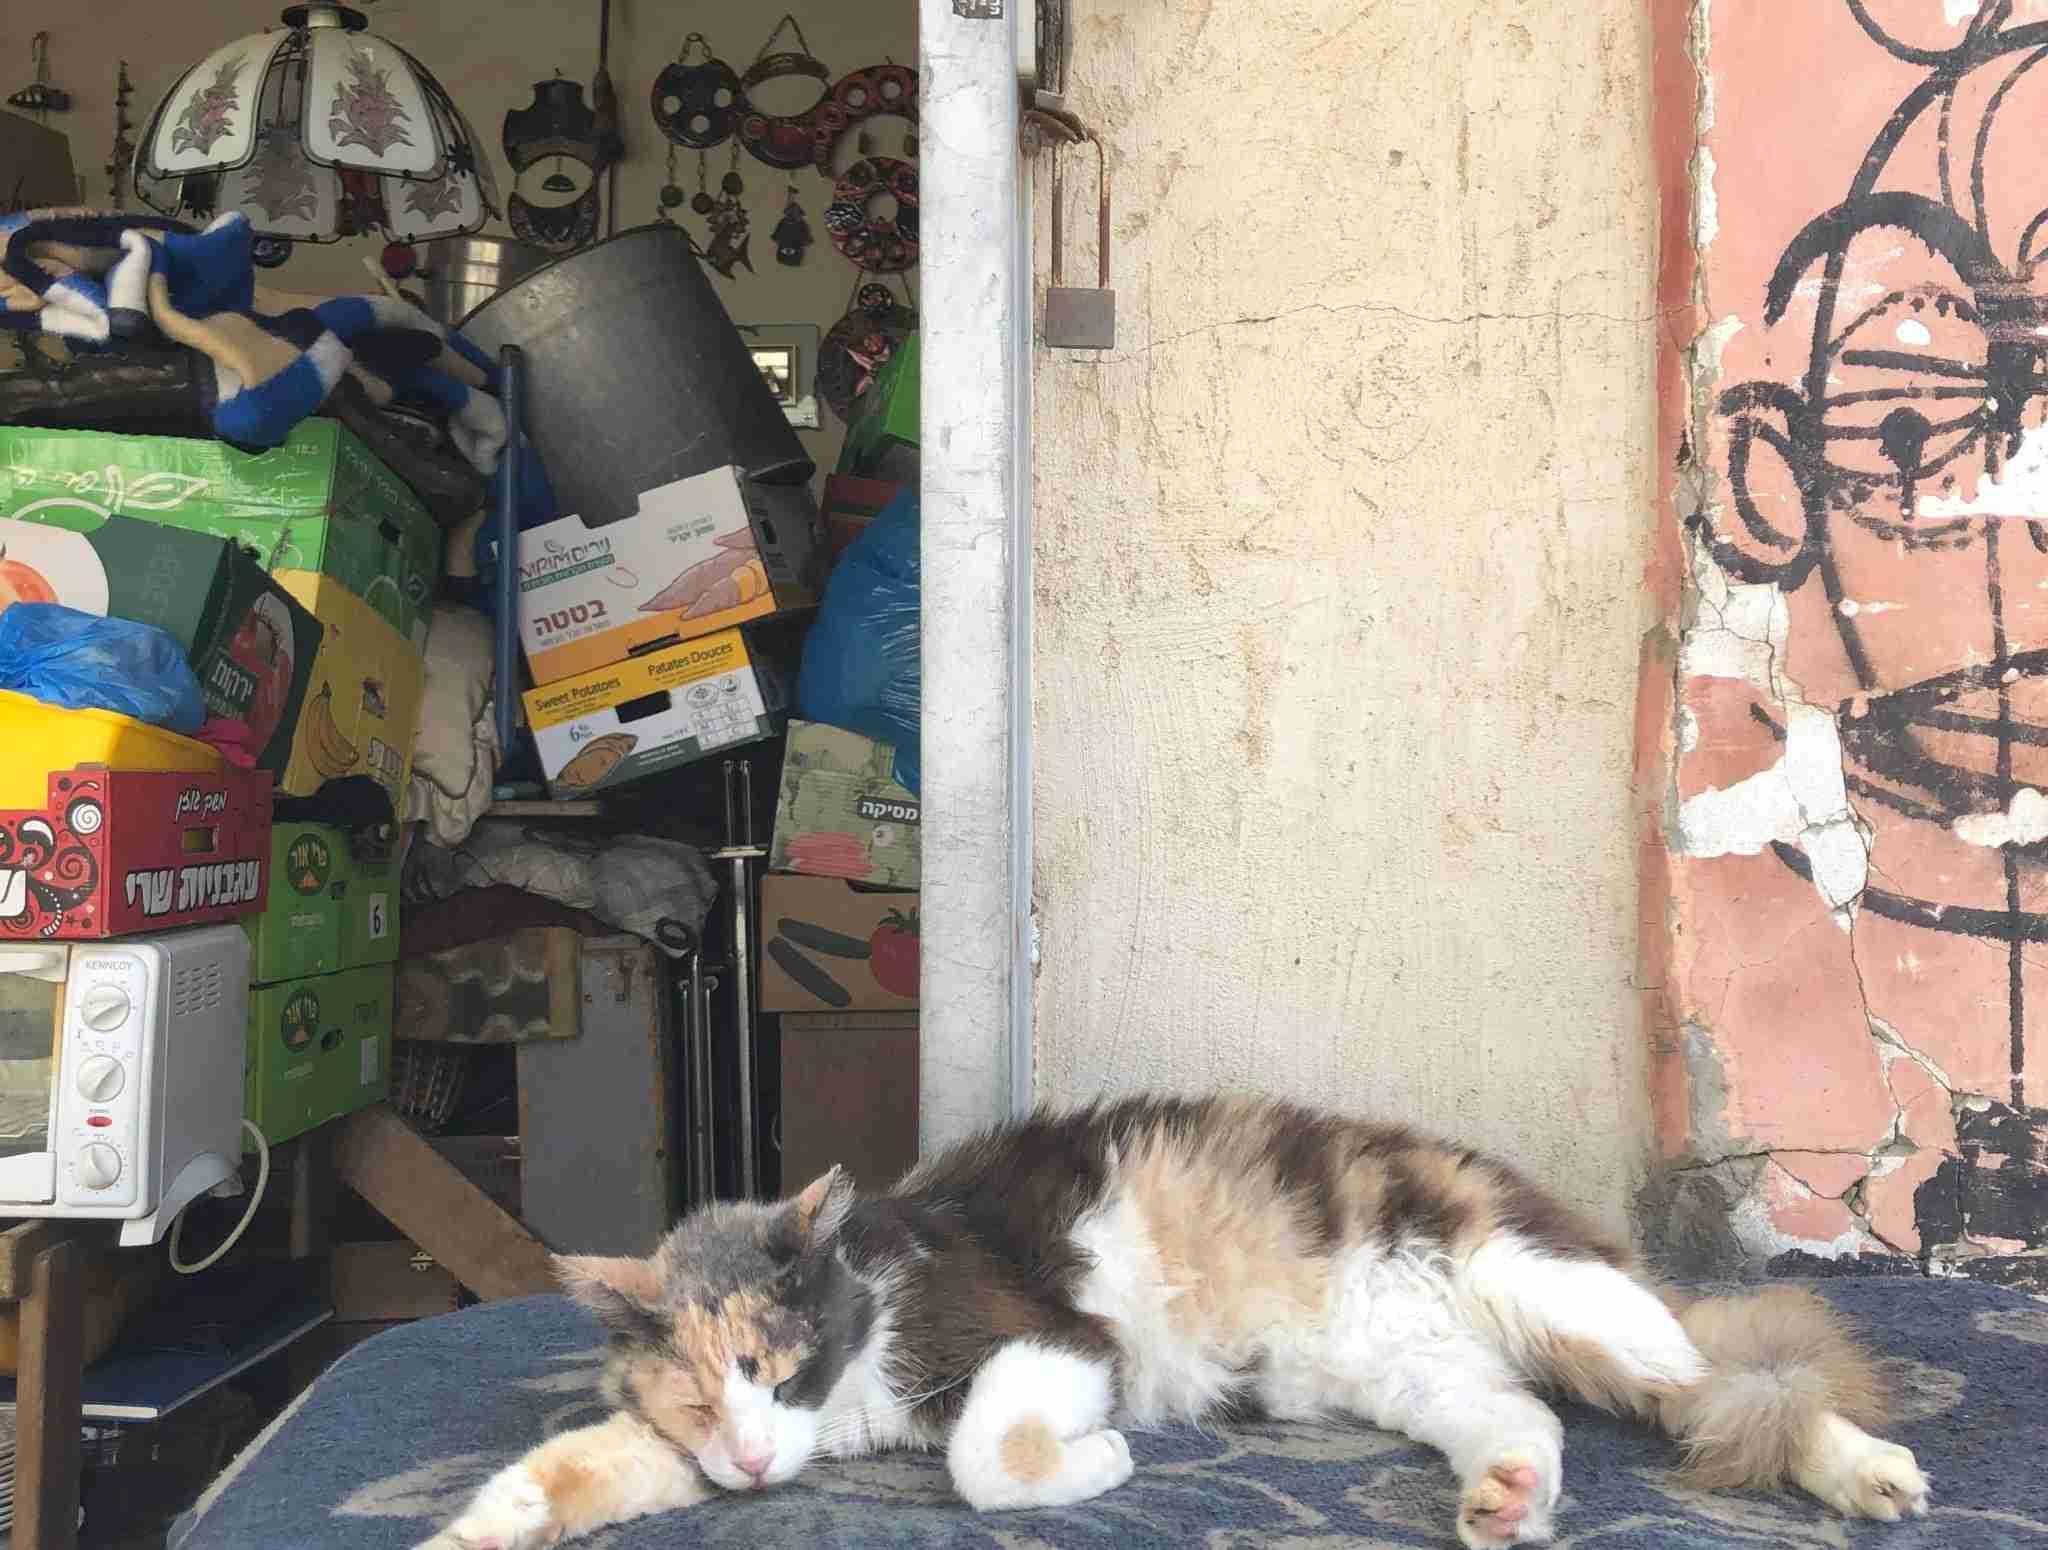 A cat naps at the flea market in Jaffa. Photo by Lori Zaino.